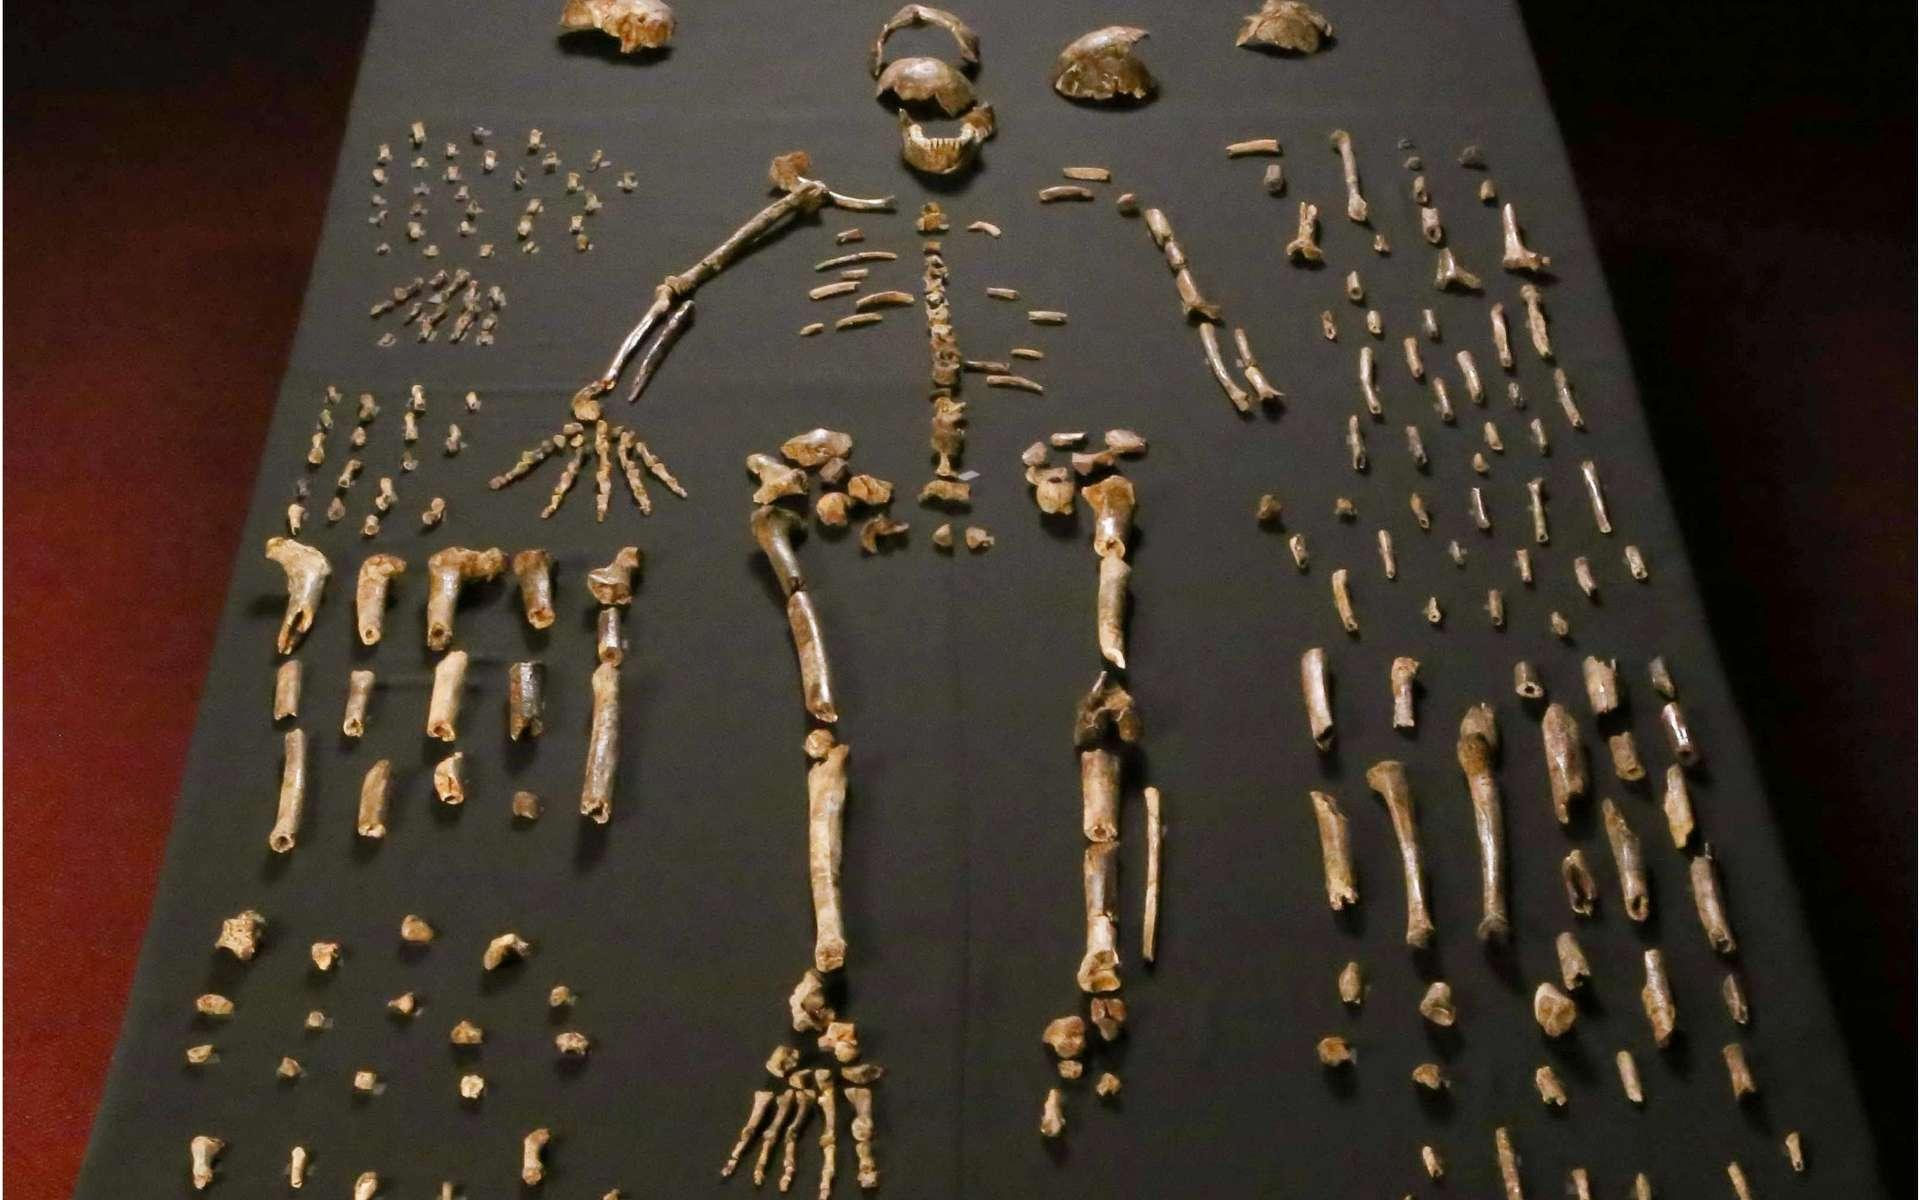 Plusieurs des fragments d'os ayant appartenu à des membres de l'espèce Homo naledi sont présents sur cette photo. © Lee Roger Berger, Wikipédia, CC by-sa 4.0